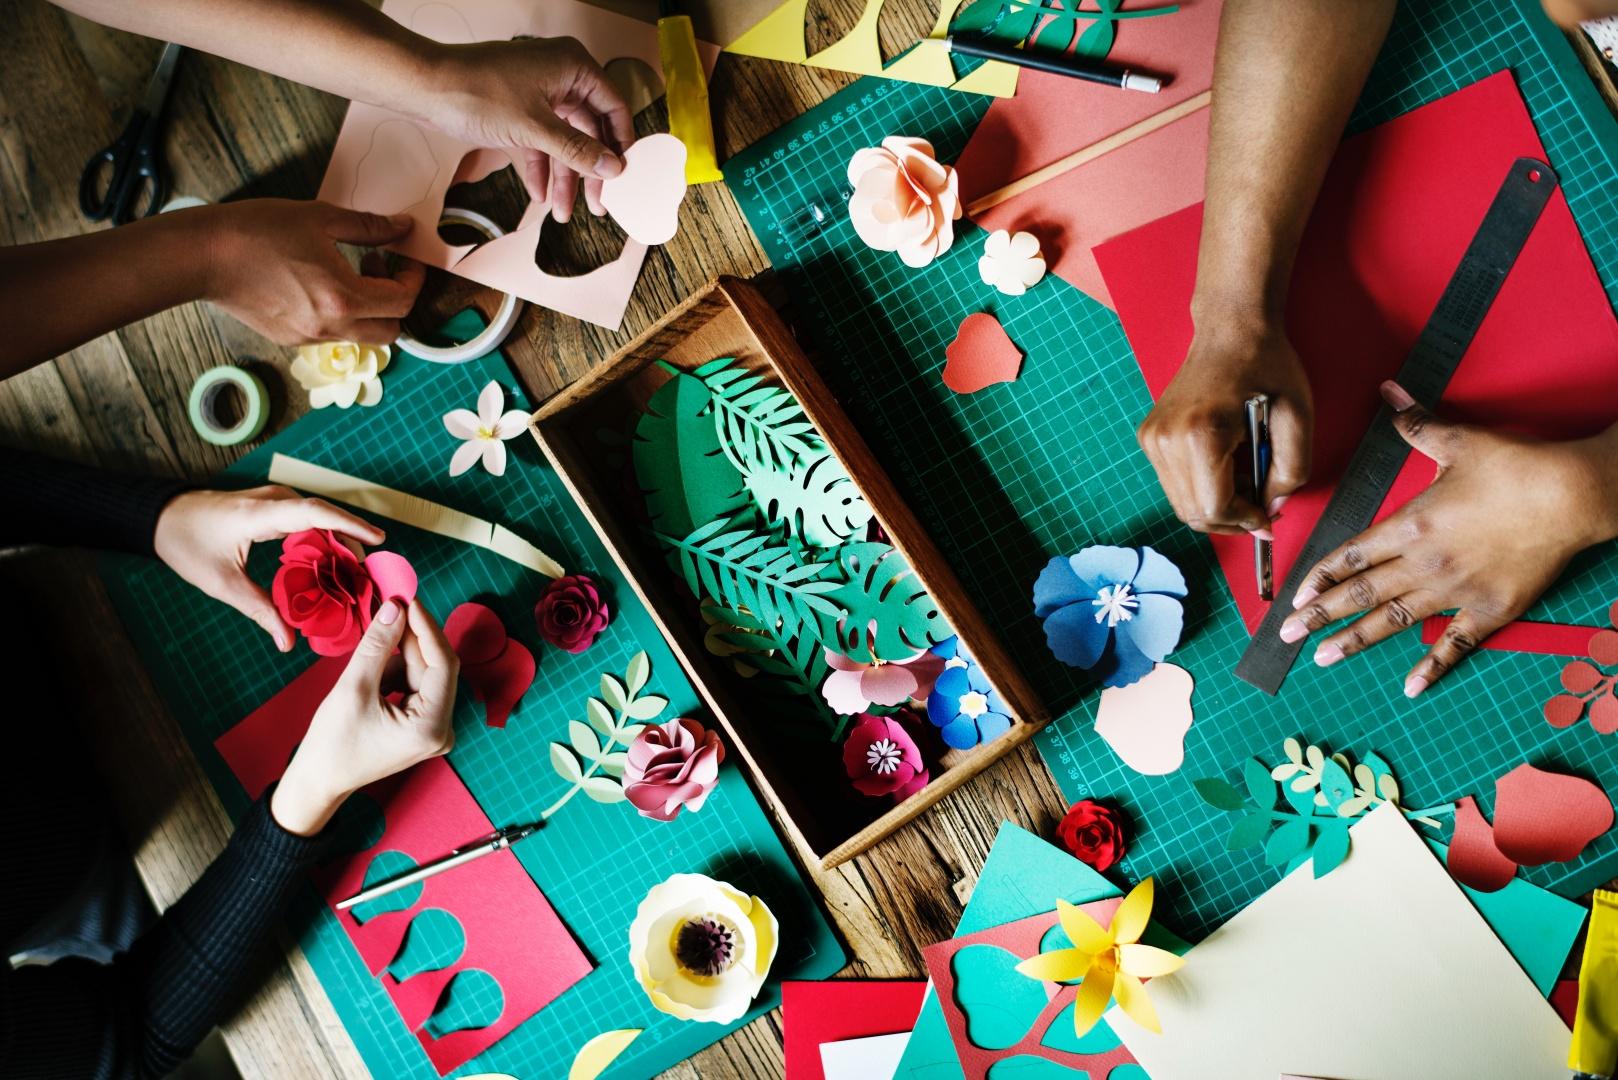 DIY und Kunsthandwerk: Wir suchen einzigartige, individualisierbare, hangemachte Produkte